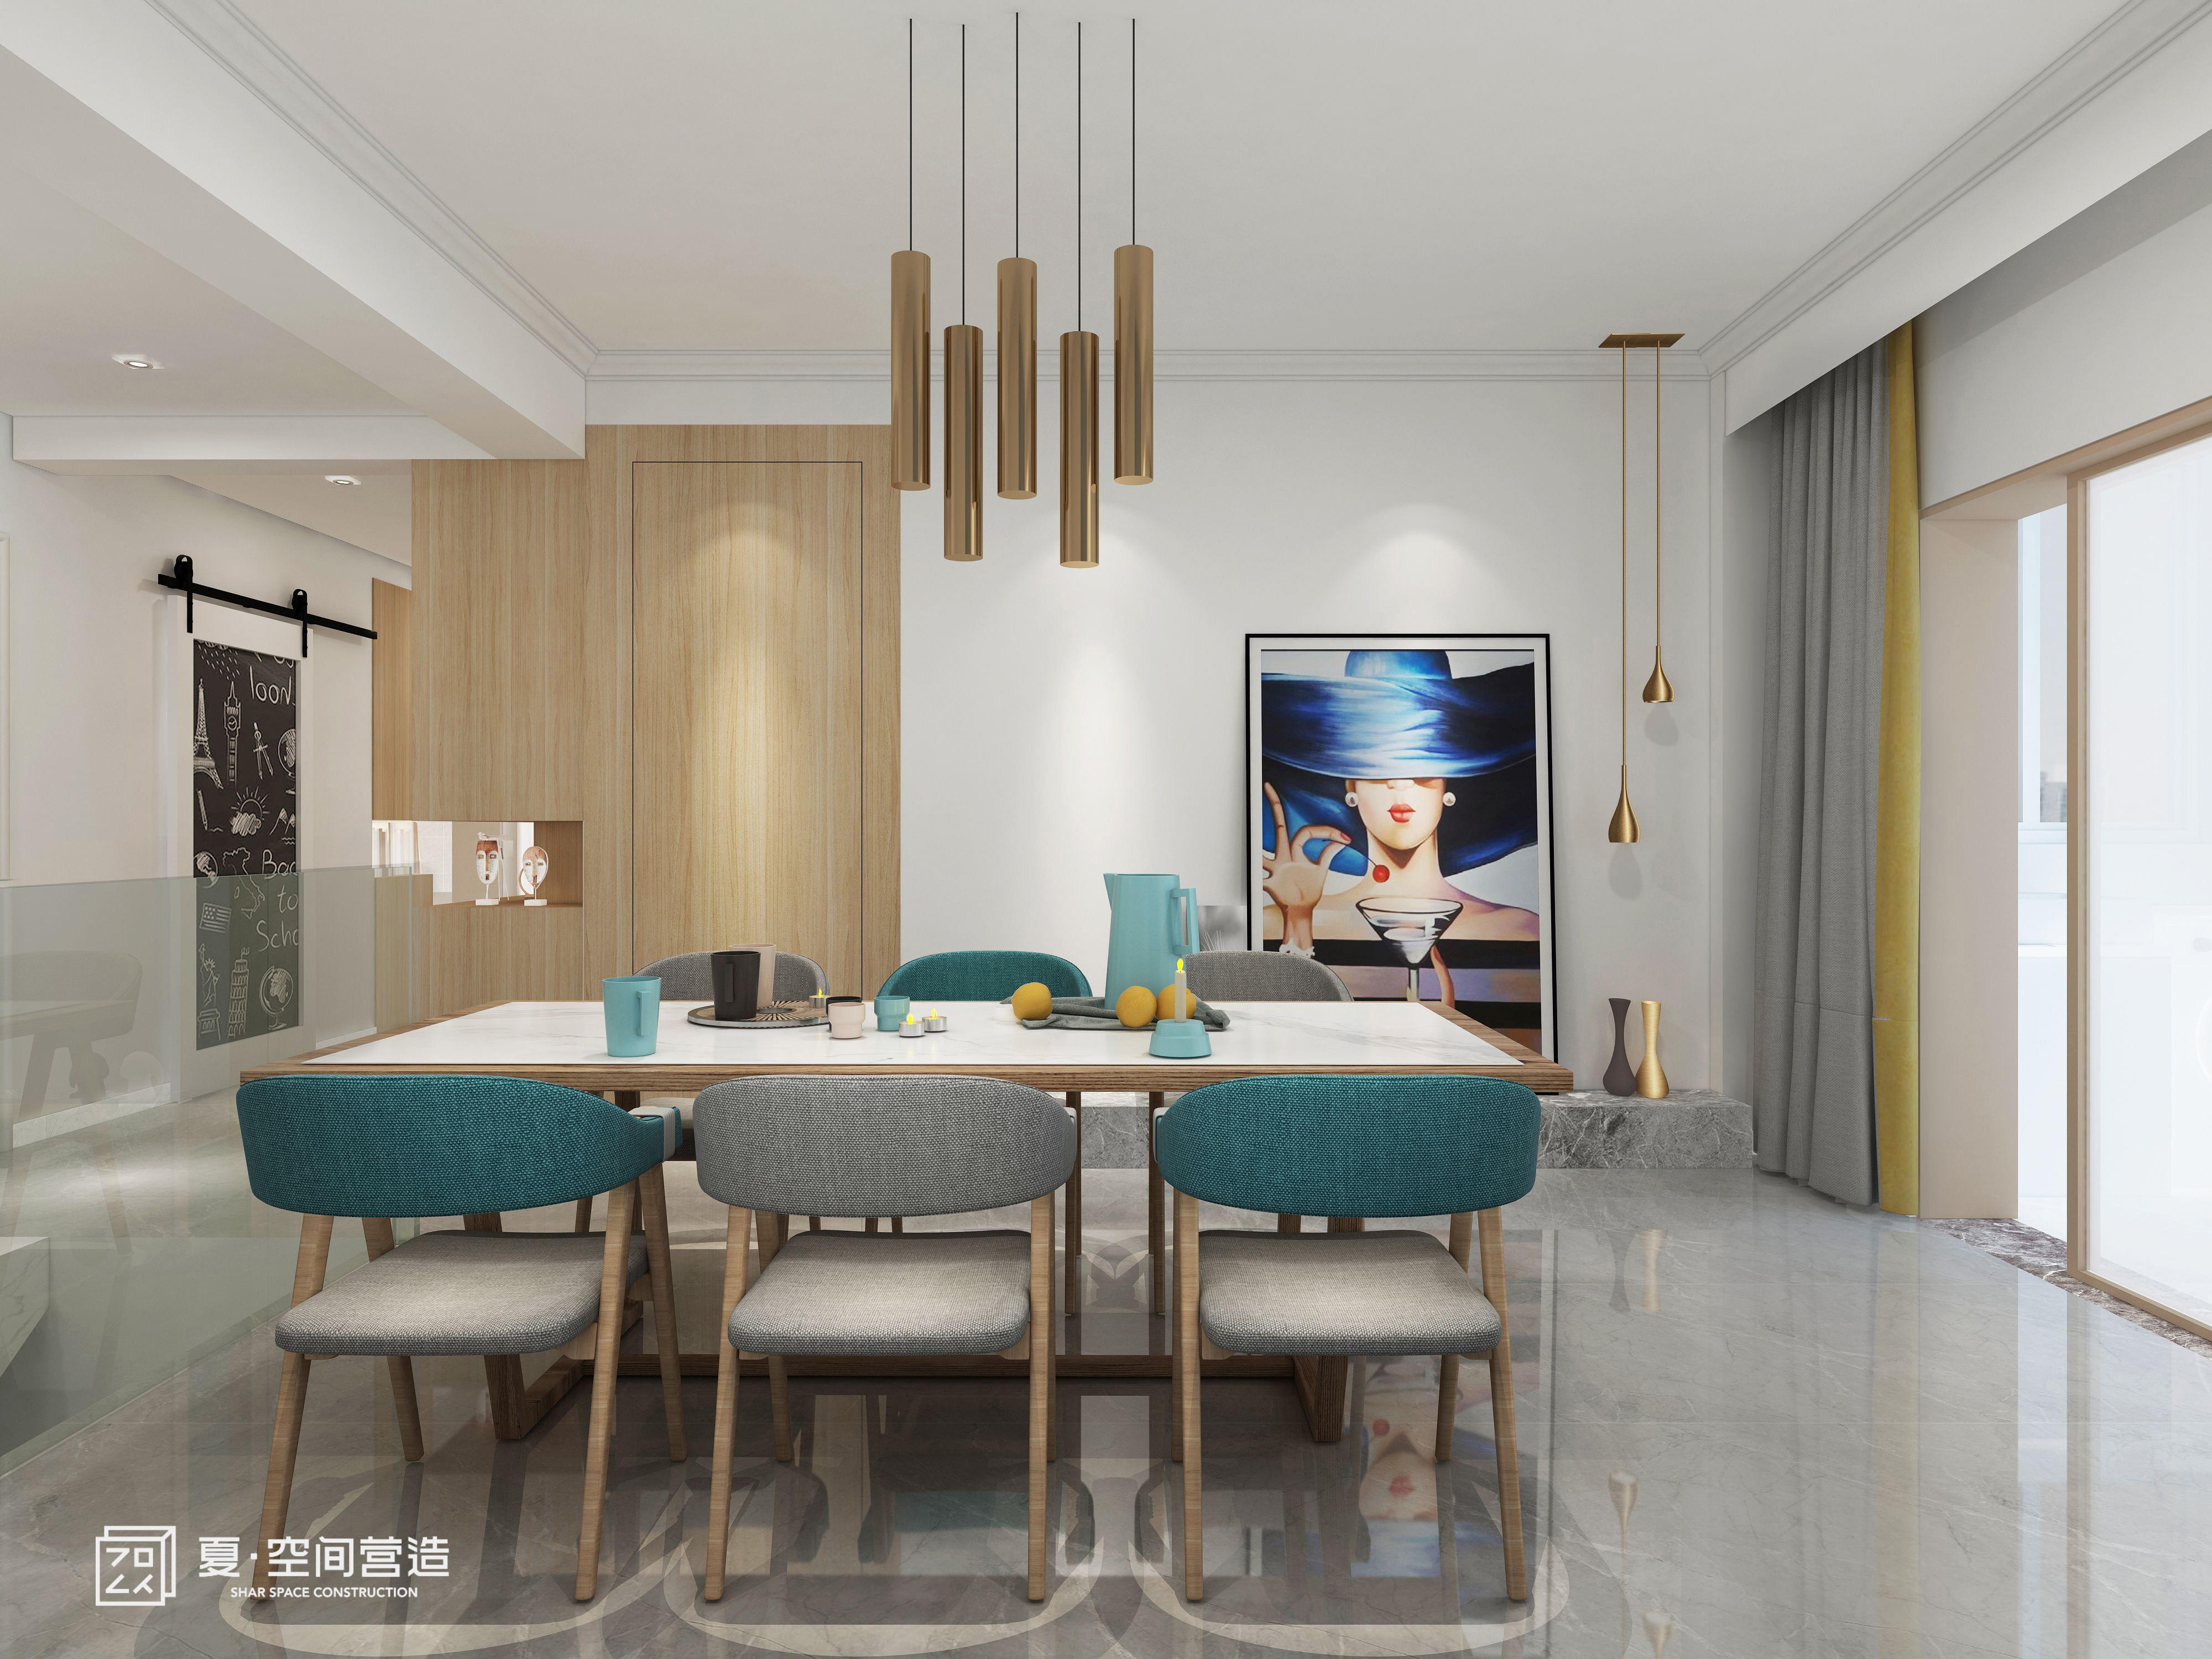 欧式 白领 80后 餐厅图片来自夏空间营造在夏•空间营造丨胥江湾花园的分享